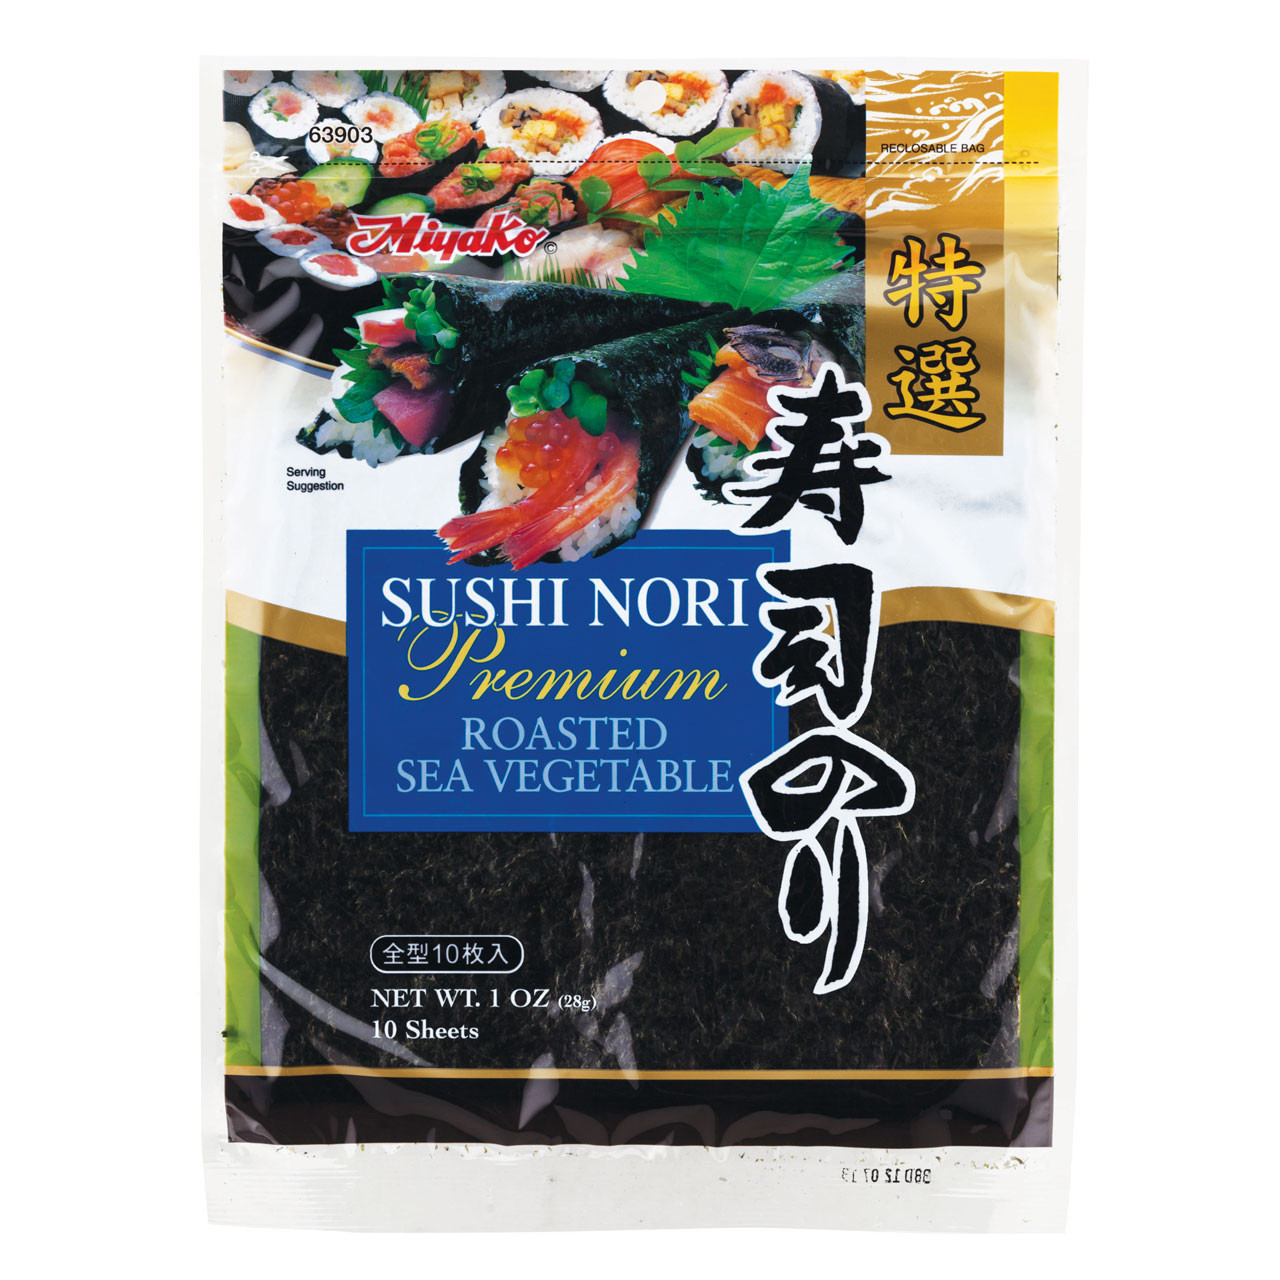 Miyako Premium Sushi Nori Seaweed